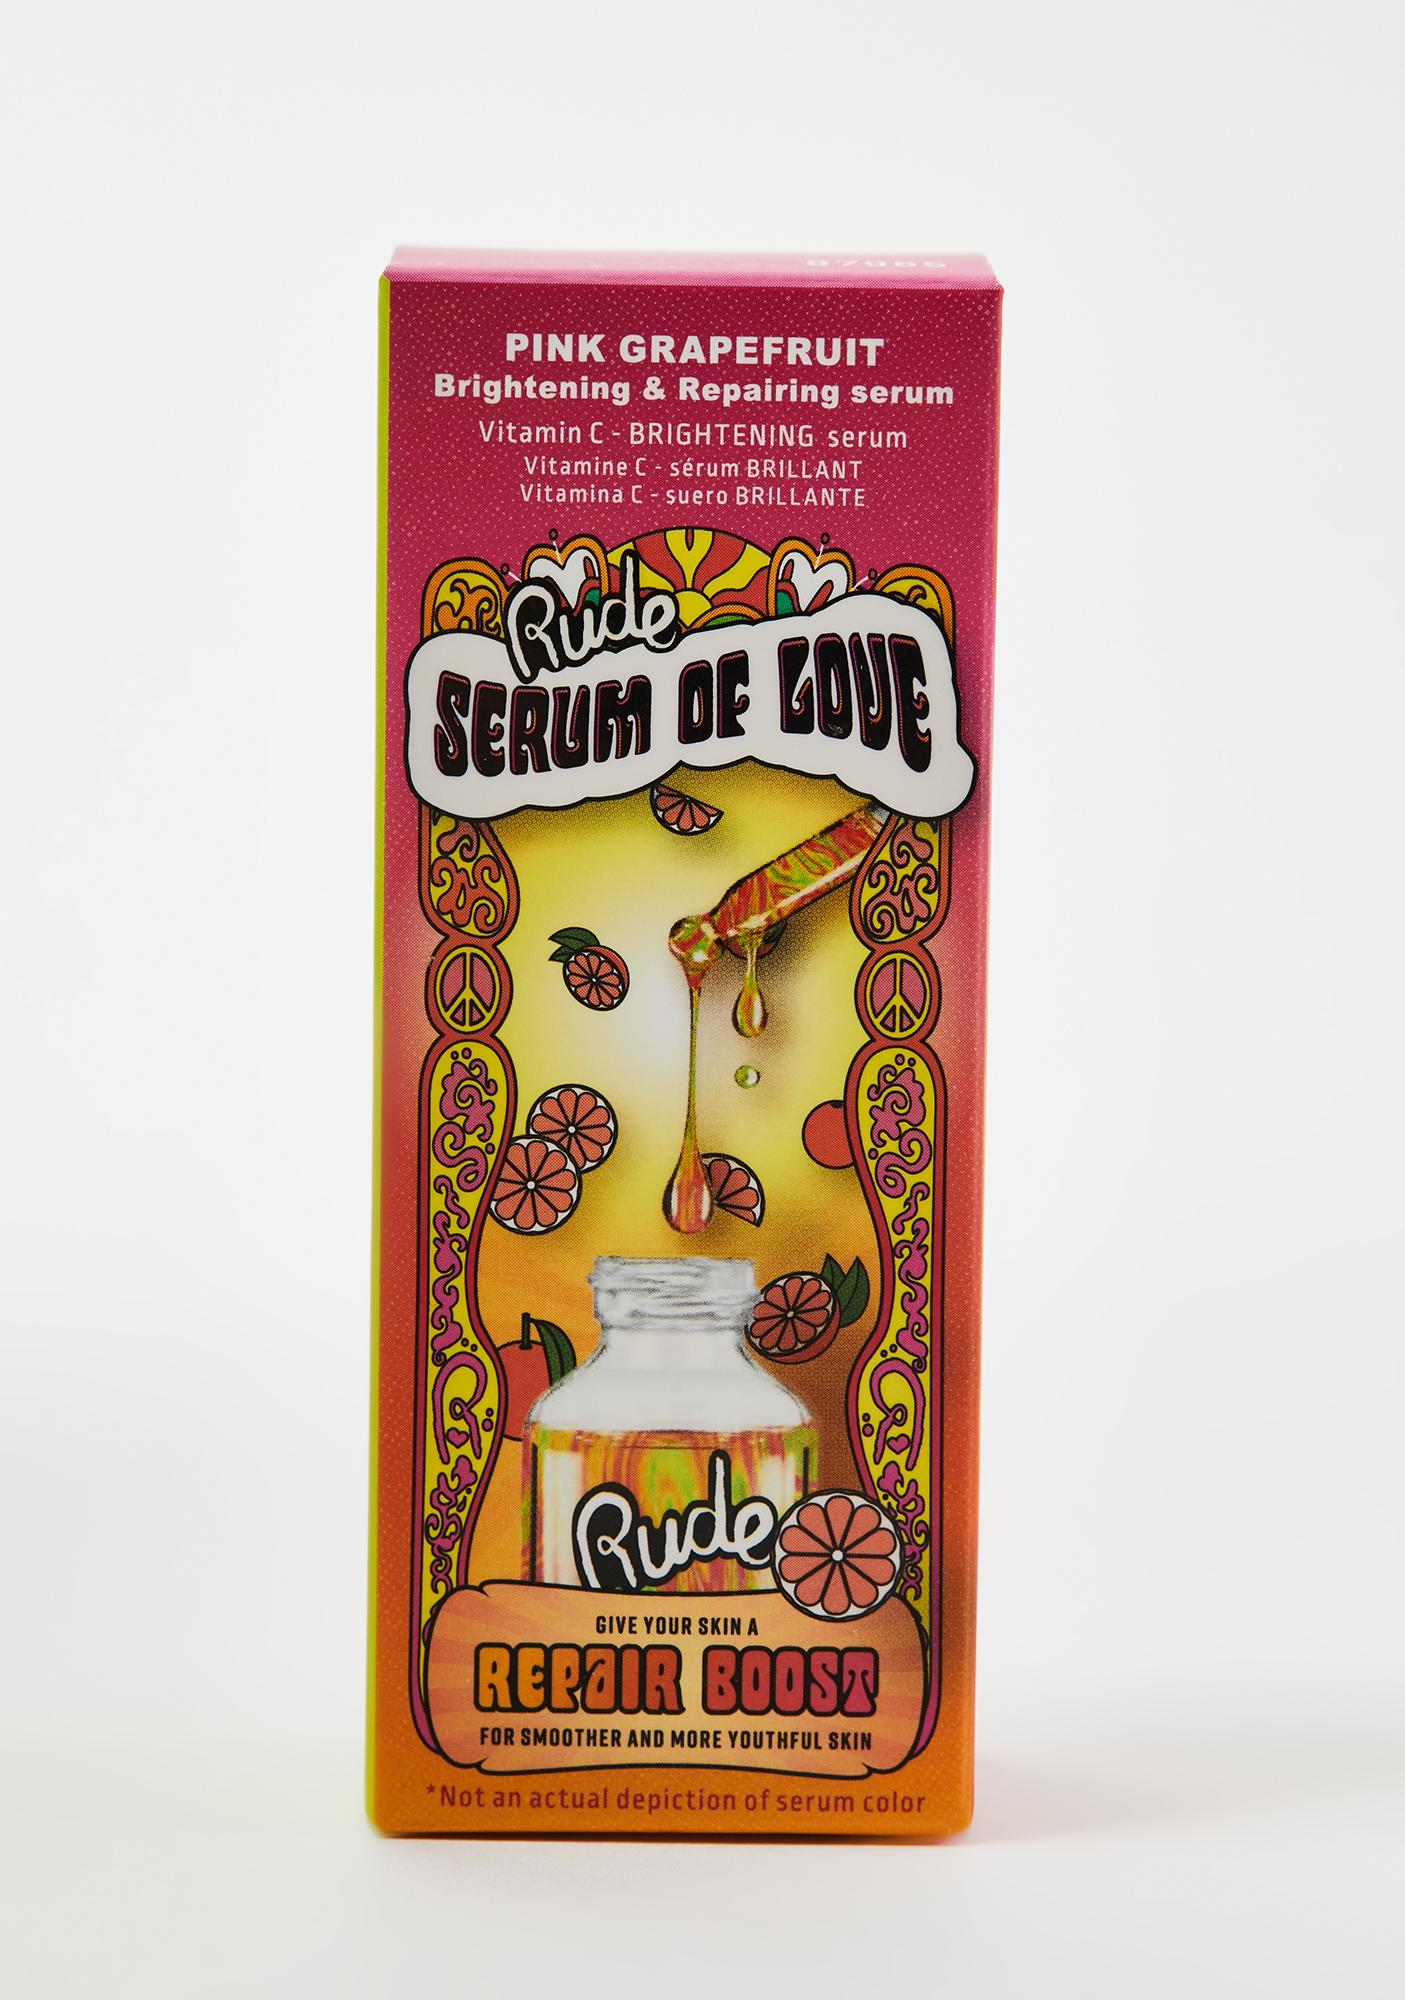 Rude Cosmetics Pink Grapefruit Repair Boost Serum Of Love